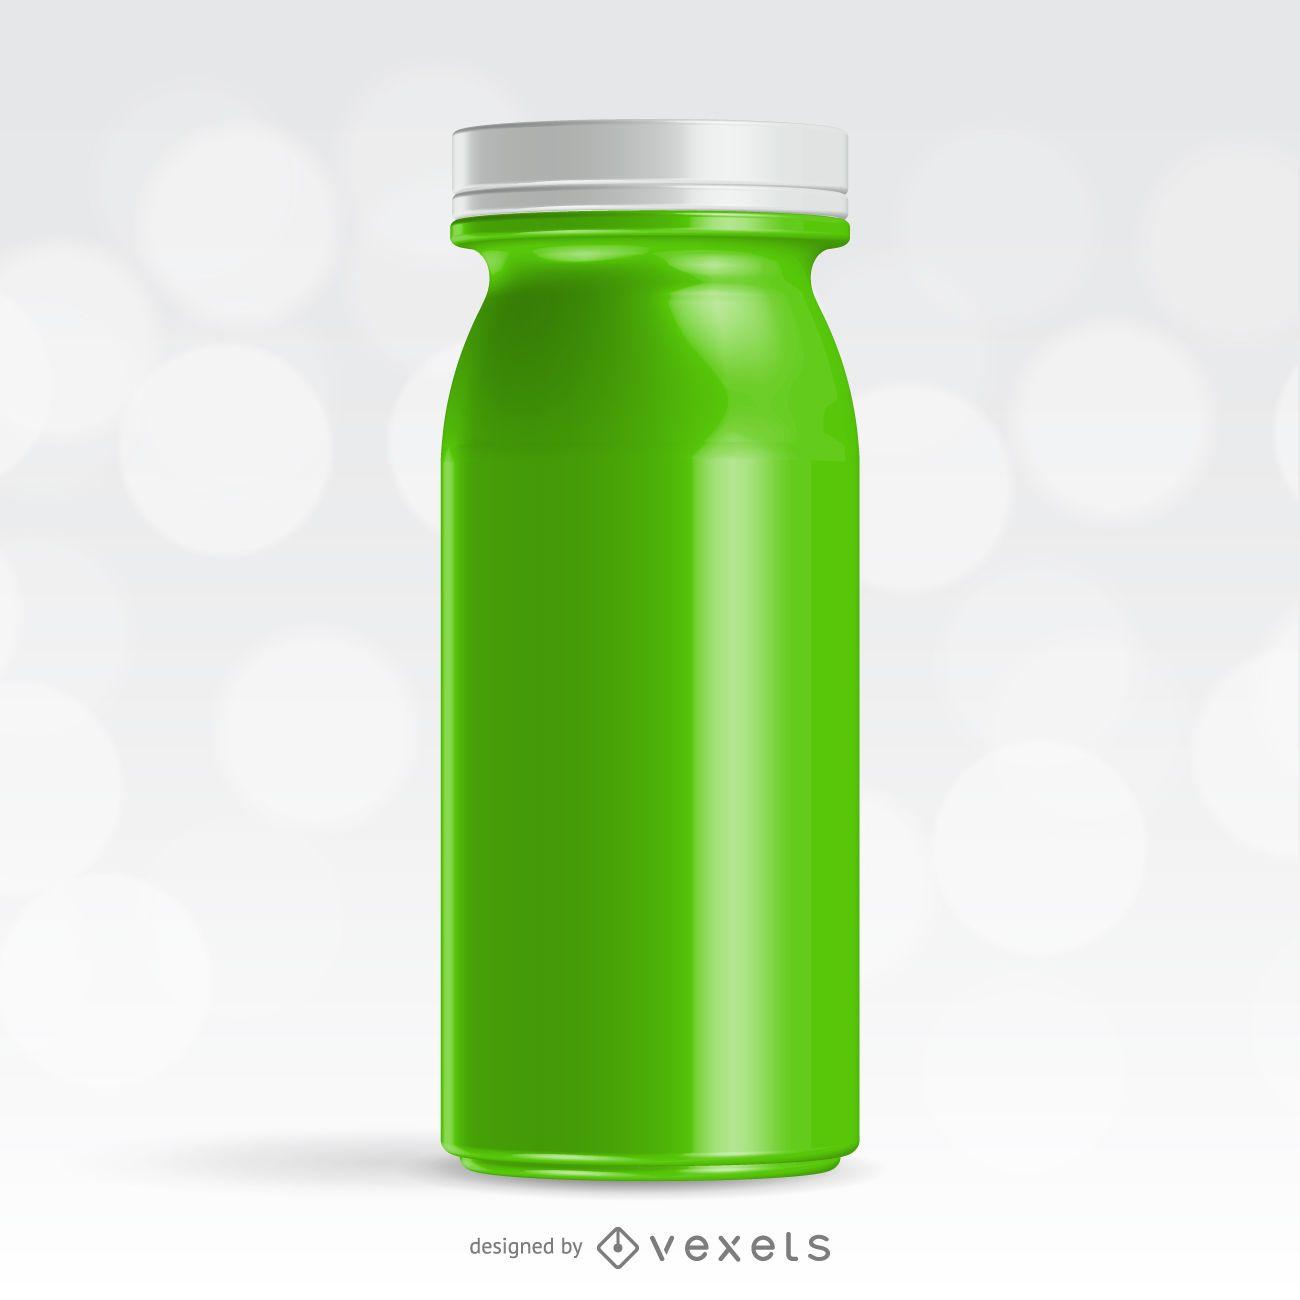 Realistic green juice bottle